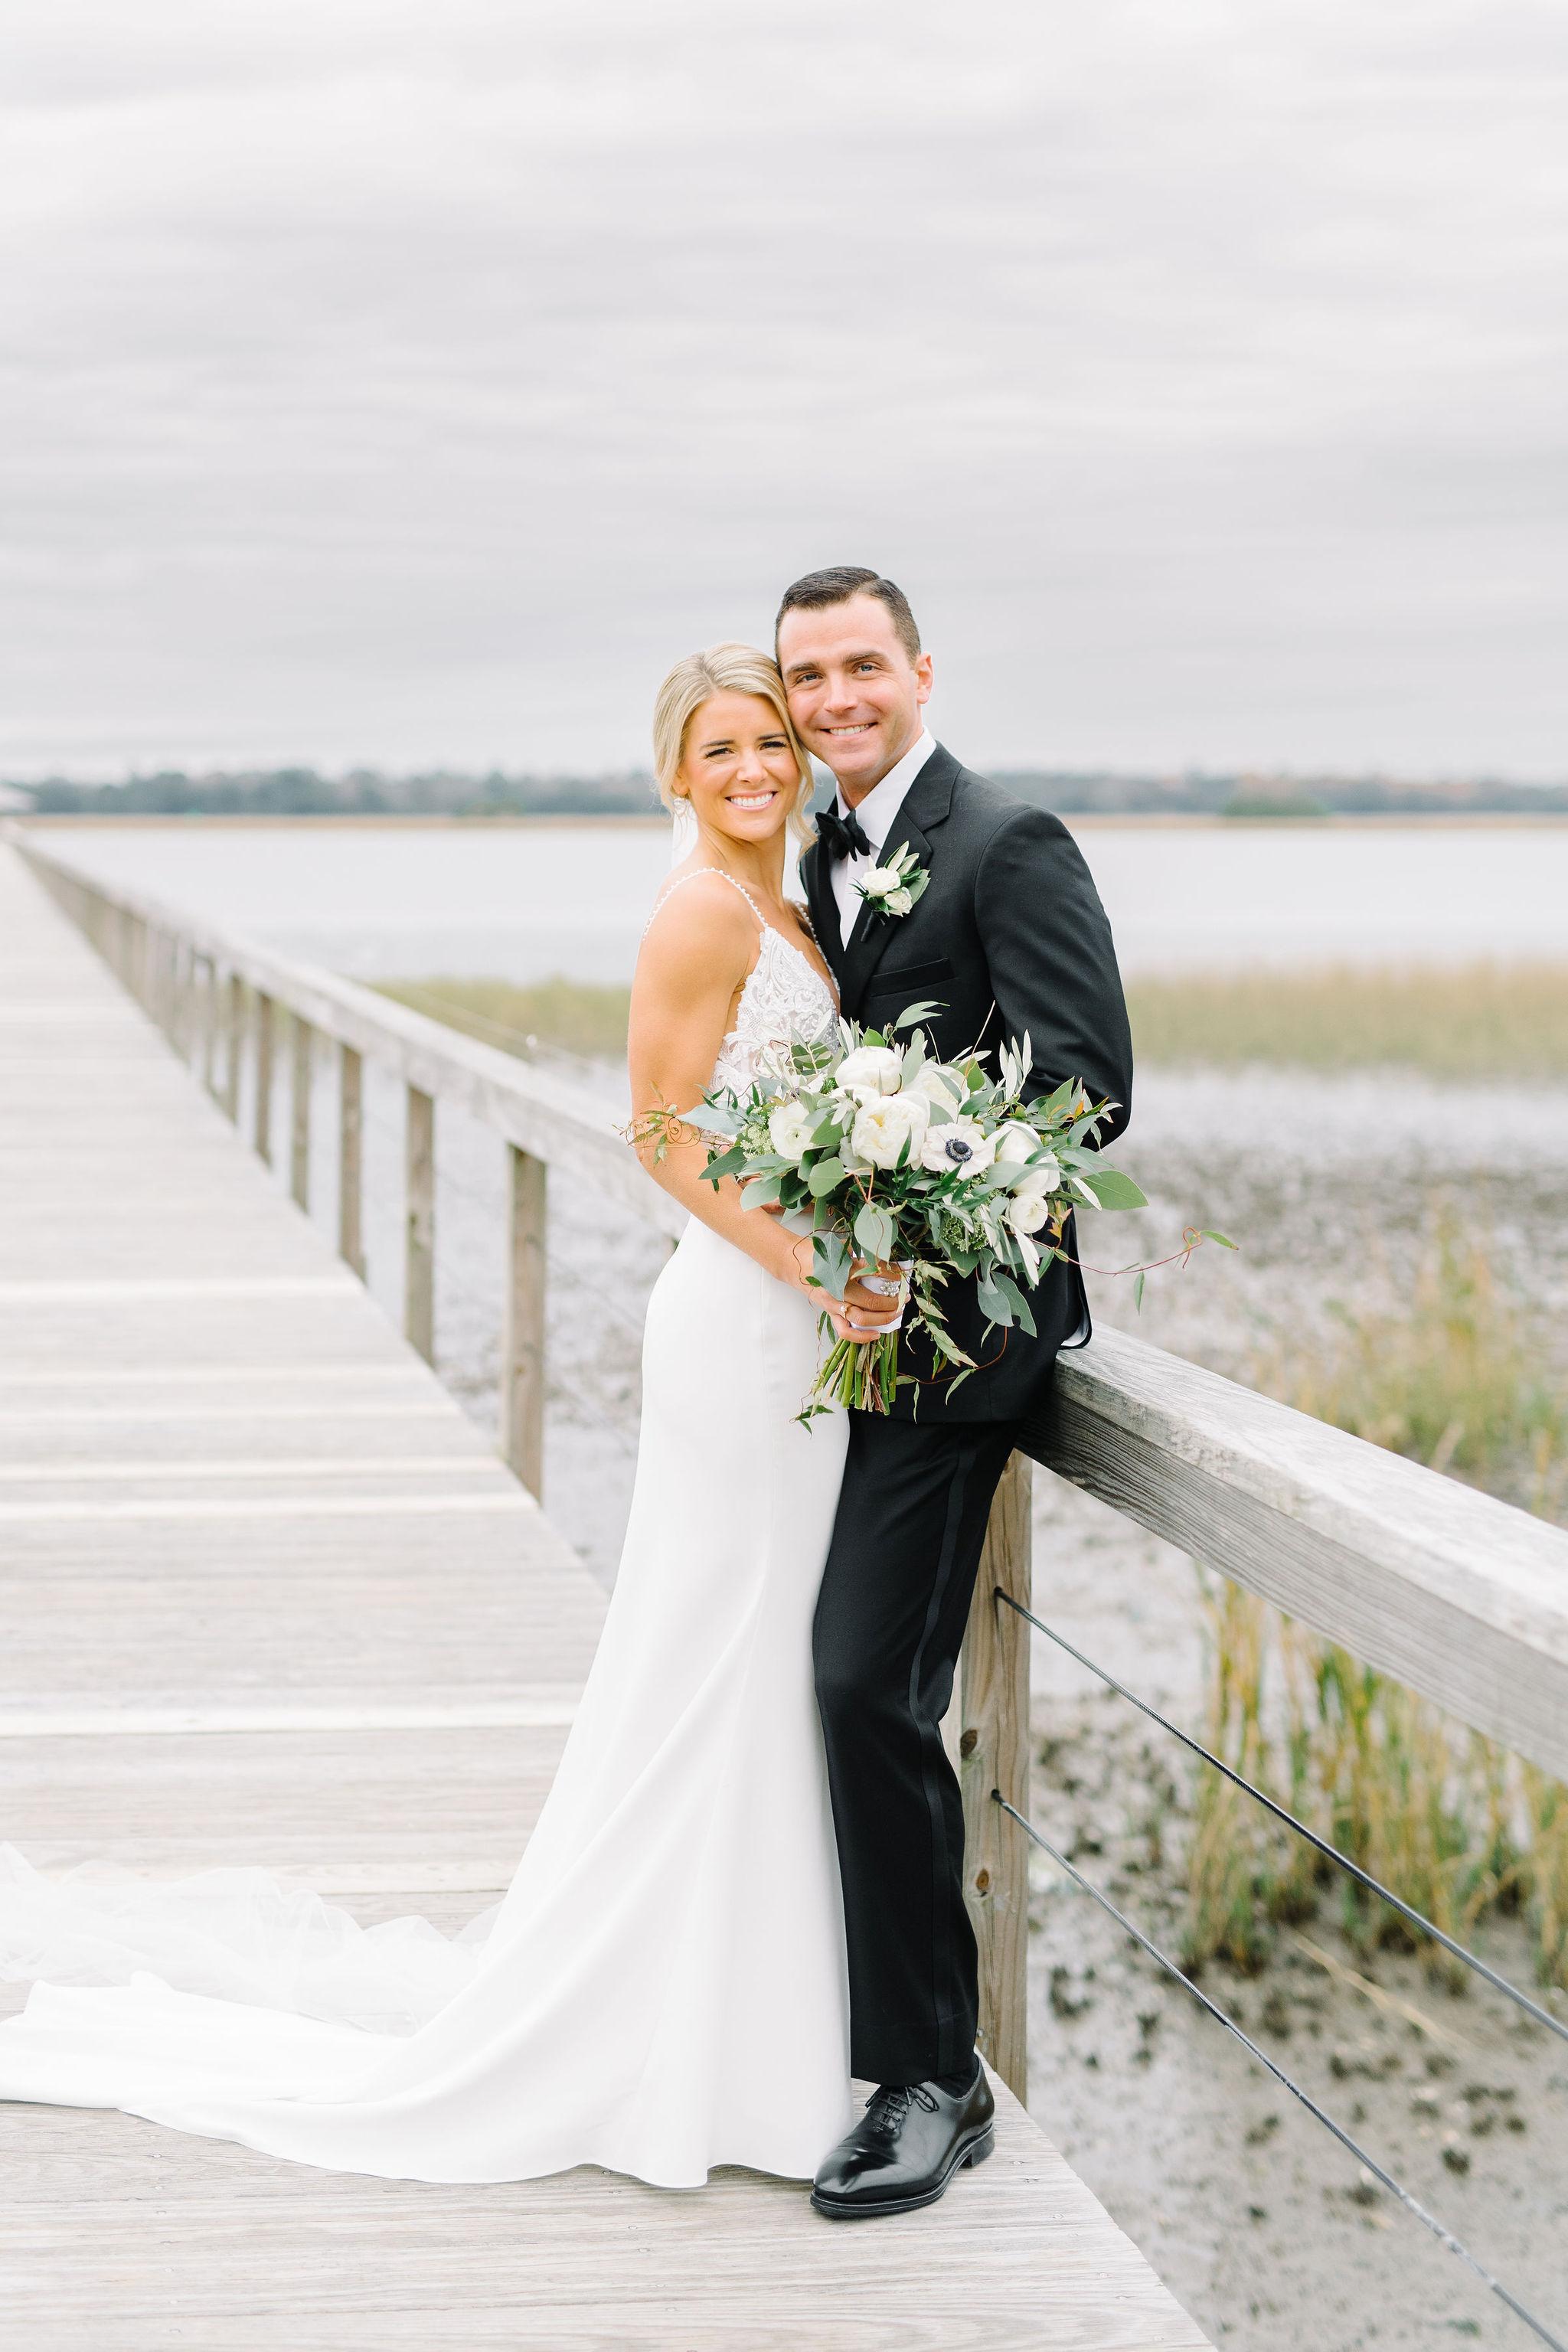 Aaron & Jillian